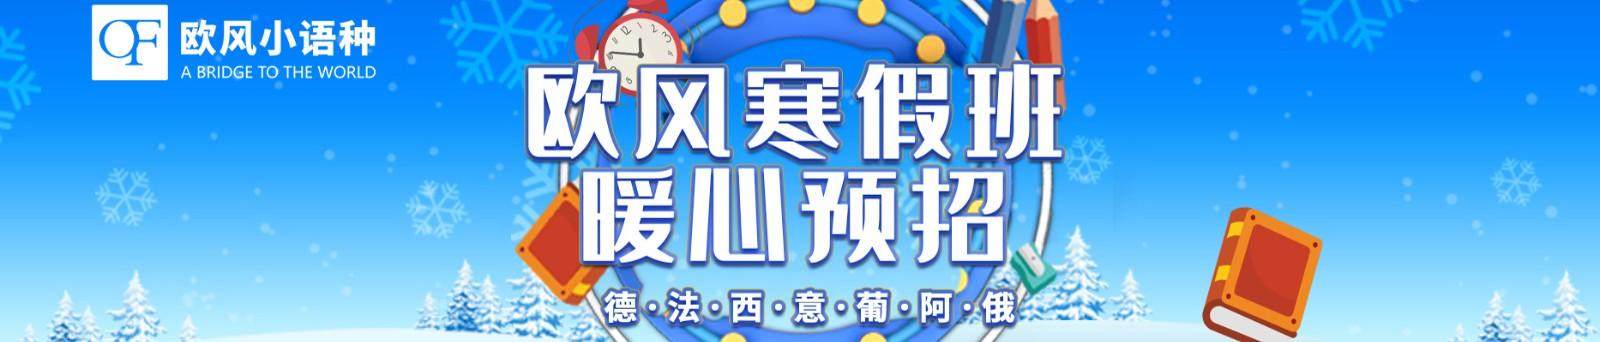 上海欧风小语种合乐彩票app中心 横幅广告